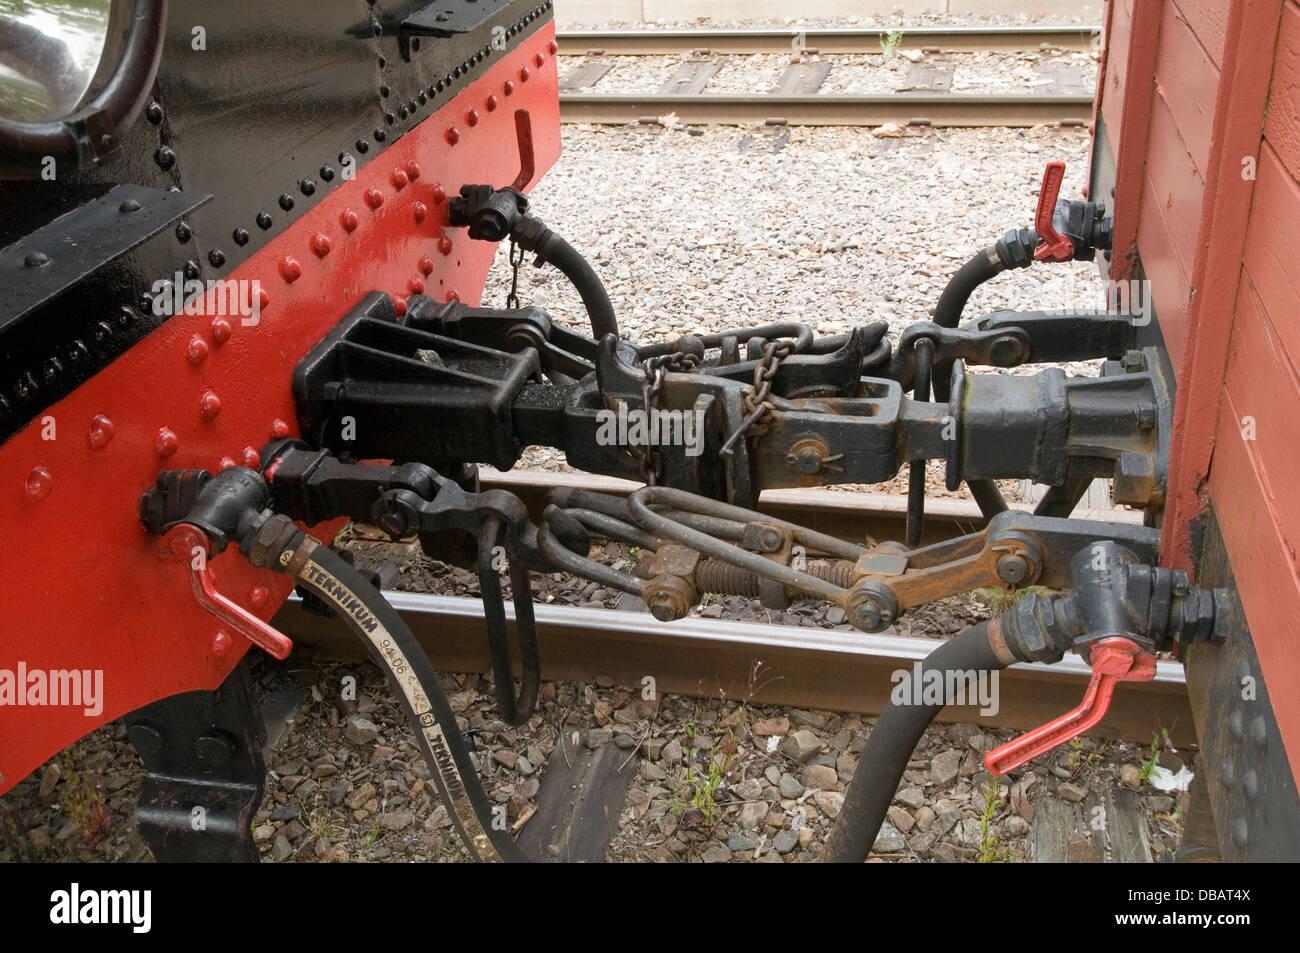 Koppler Kupplung Puffer Züge Verbindung verbunden Wagen Trainer zu trainieren Stockbild